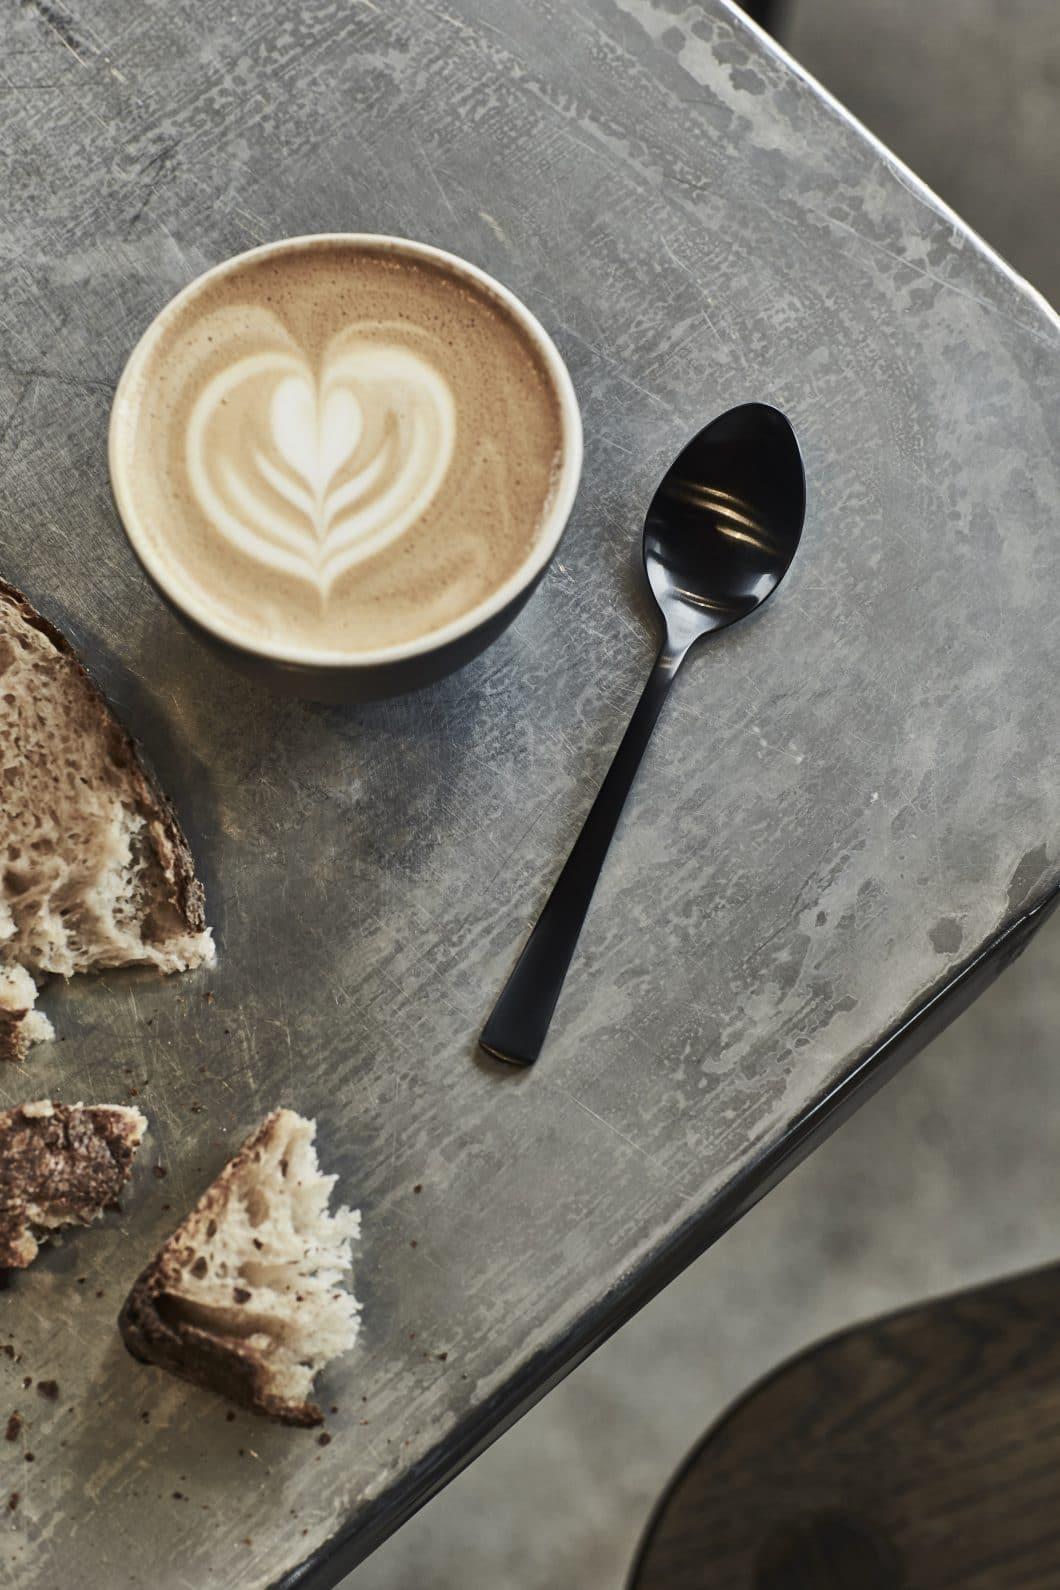 Den Luxusstandard eines Michelin-Sterne-Restaurants zu sich nach Hause holen: Mit dem Luxusbesteck Table Noir kommen Sie diesem Traum einen Schritt näher. (Foto: Table Noir)